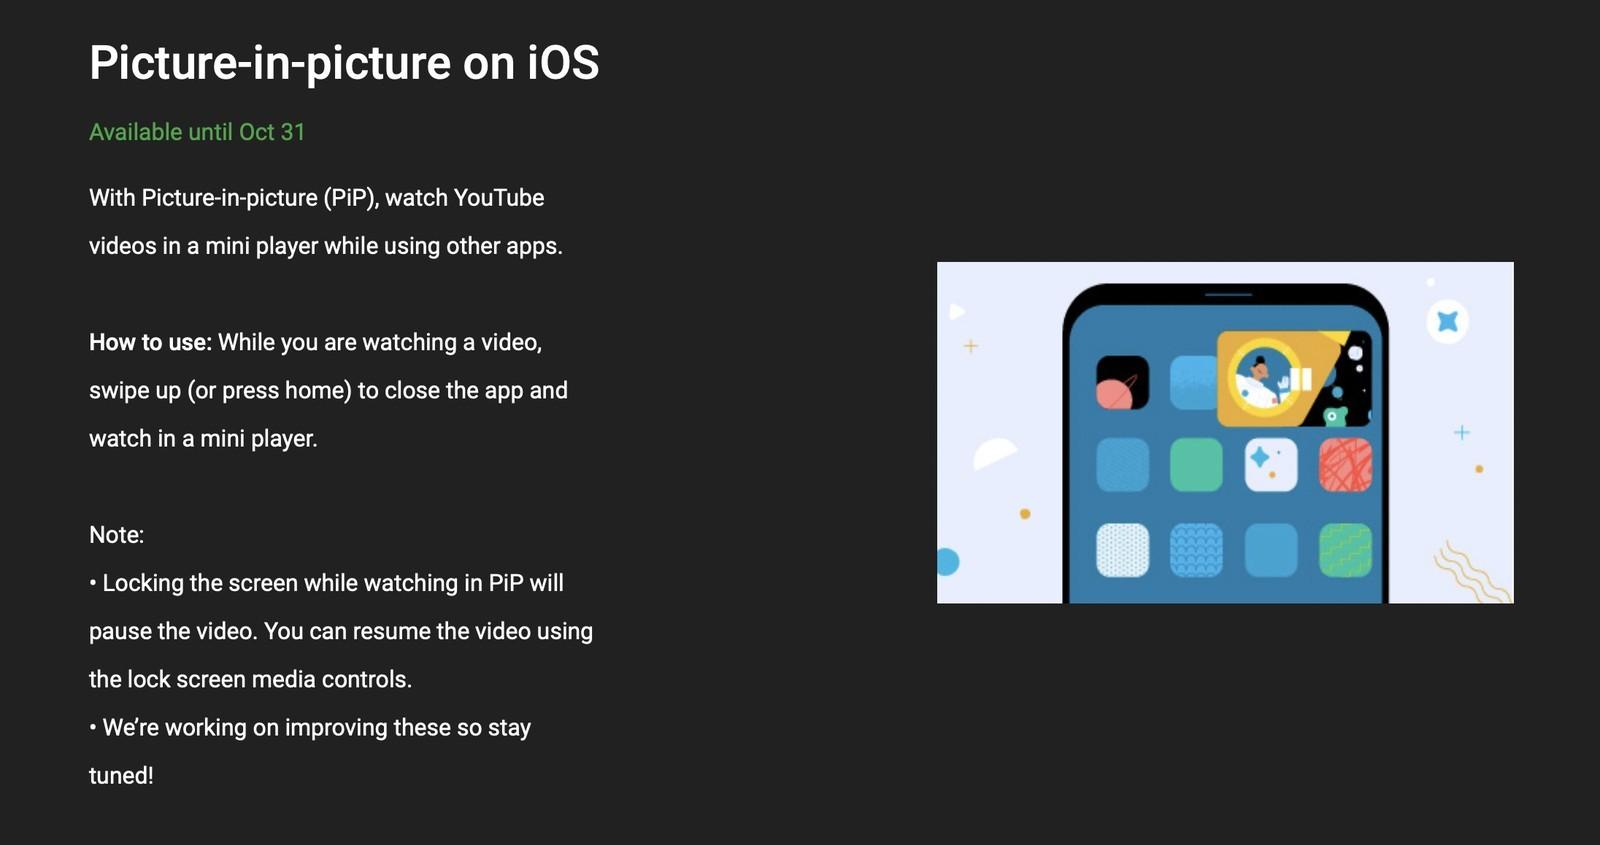 Obraz w obrazie w końcu dostępny w aplikacji YouTube na iOS. Jak włączyć? poradniki, ciekawostki youtube premium, pip w youtube na iphone, pip w youtube na ios, pip, Picture in Picture, obraz w obrazie w aplikacji youtube na iphone, Obraz w obrazie, jak uruchomic pip w aplikacji youtube na iphone, jak korzystac z pip w youtube na iPhone, jak aktywowac tryb pip w aplikacji youtube, Instrukcja  Google zezwoliło użytkownikom mającym YouTube Premium na aktywację usługi Obrazu w obrazie w swojej aplikacji na iPhone. Jak skorzystać z nowości? Wystarczy wykonać kilka kliknięć. youtube picture in picture